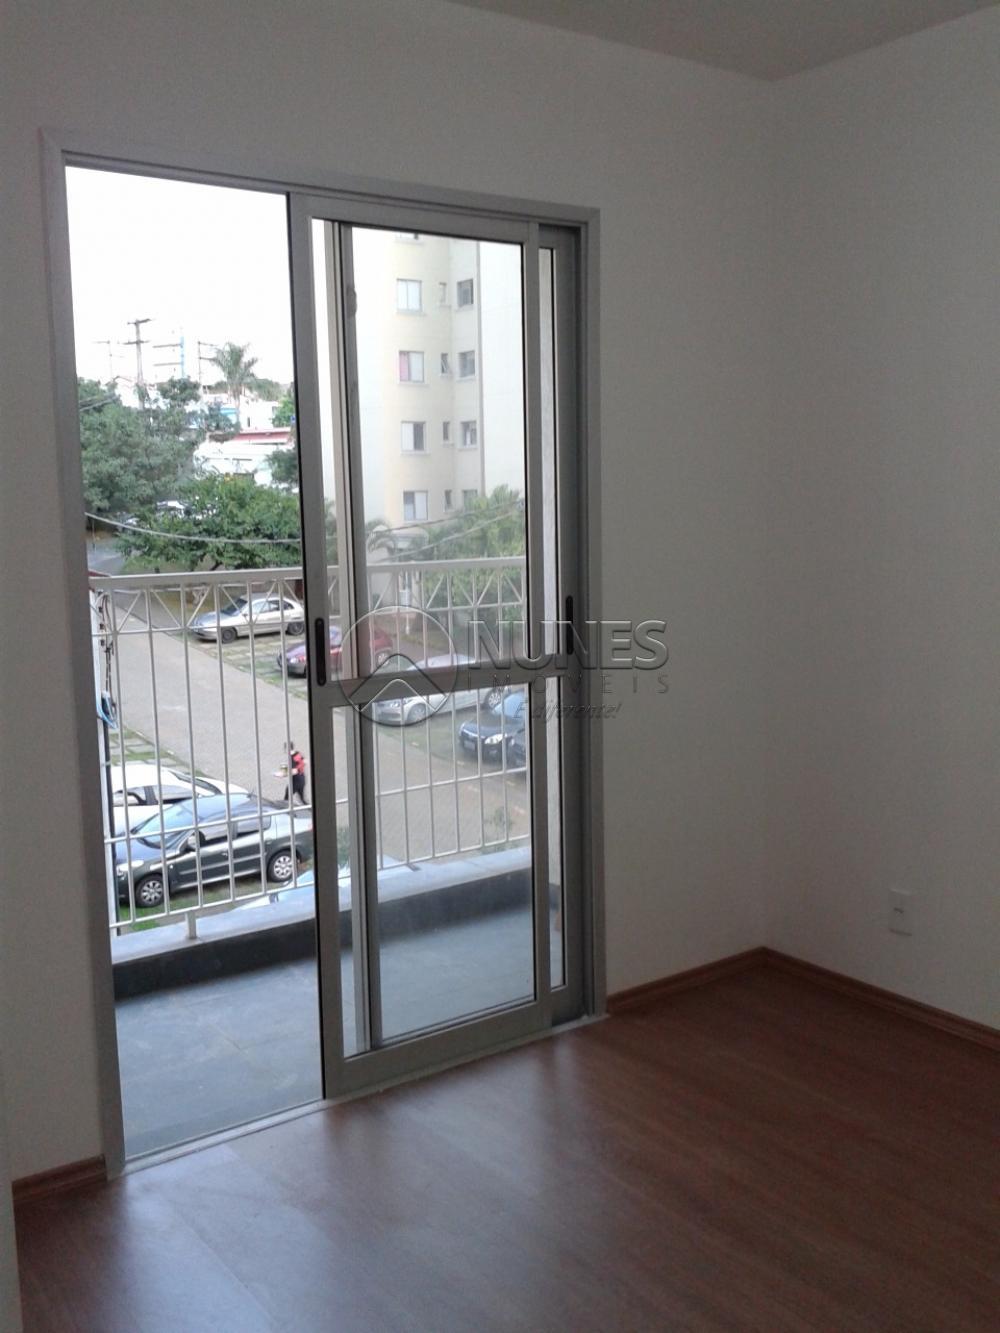 Comprar Apartamento / Padrão em São Paulo apenas R$ 300.000,00 - Foto 2